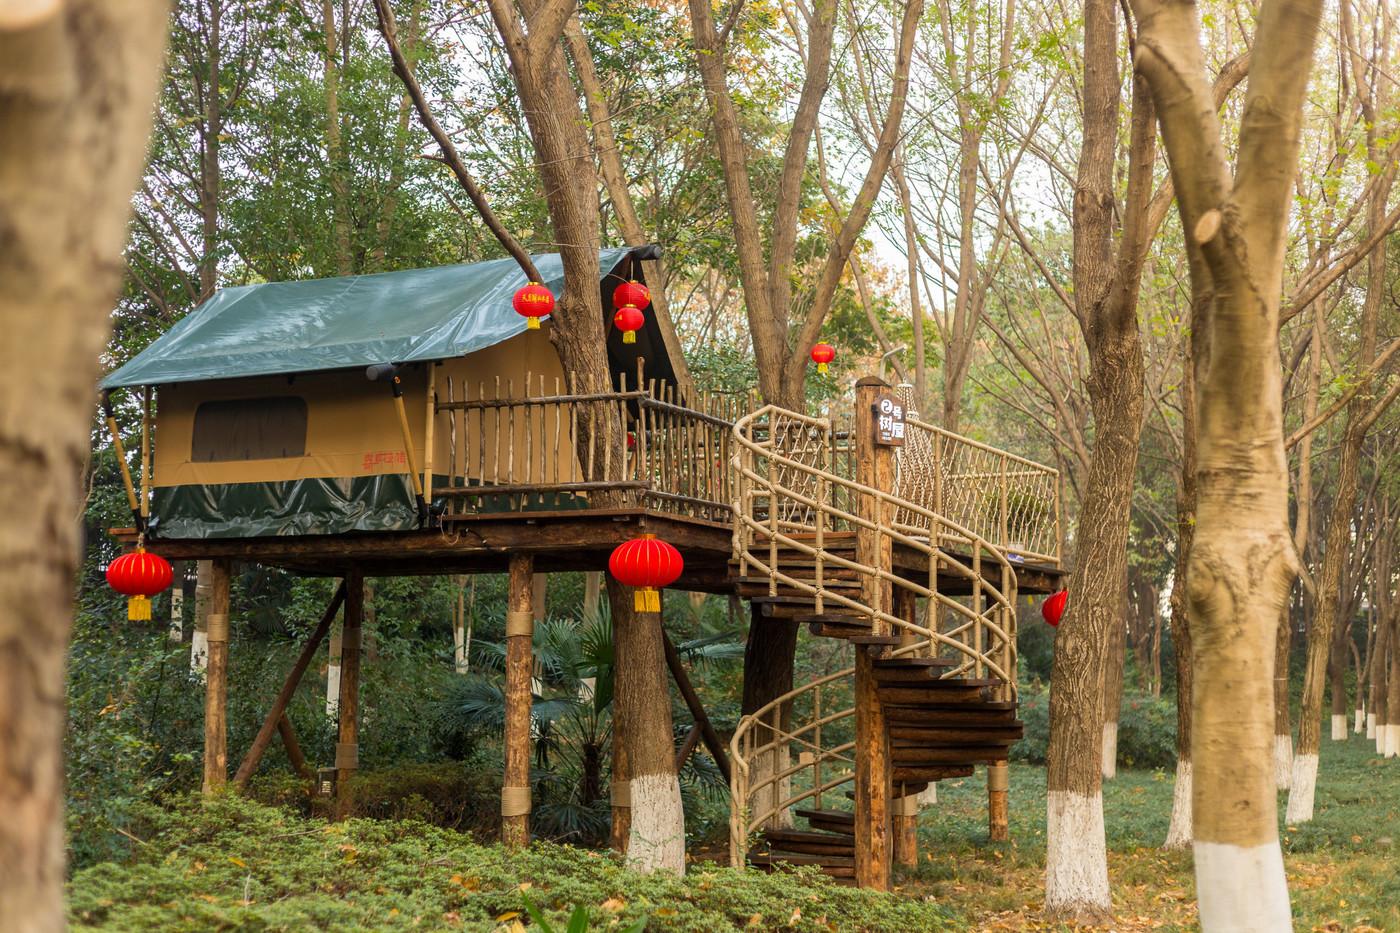 喜马拉雅野奢帐篷酒店—江苏常州天目湖树屋帐篷酒店1